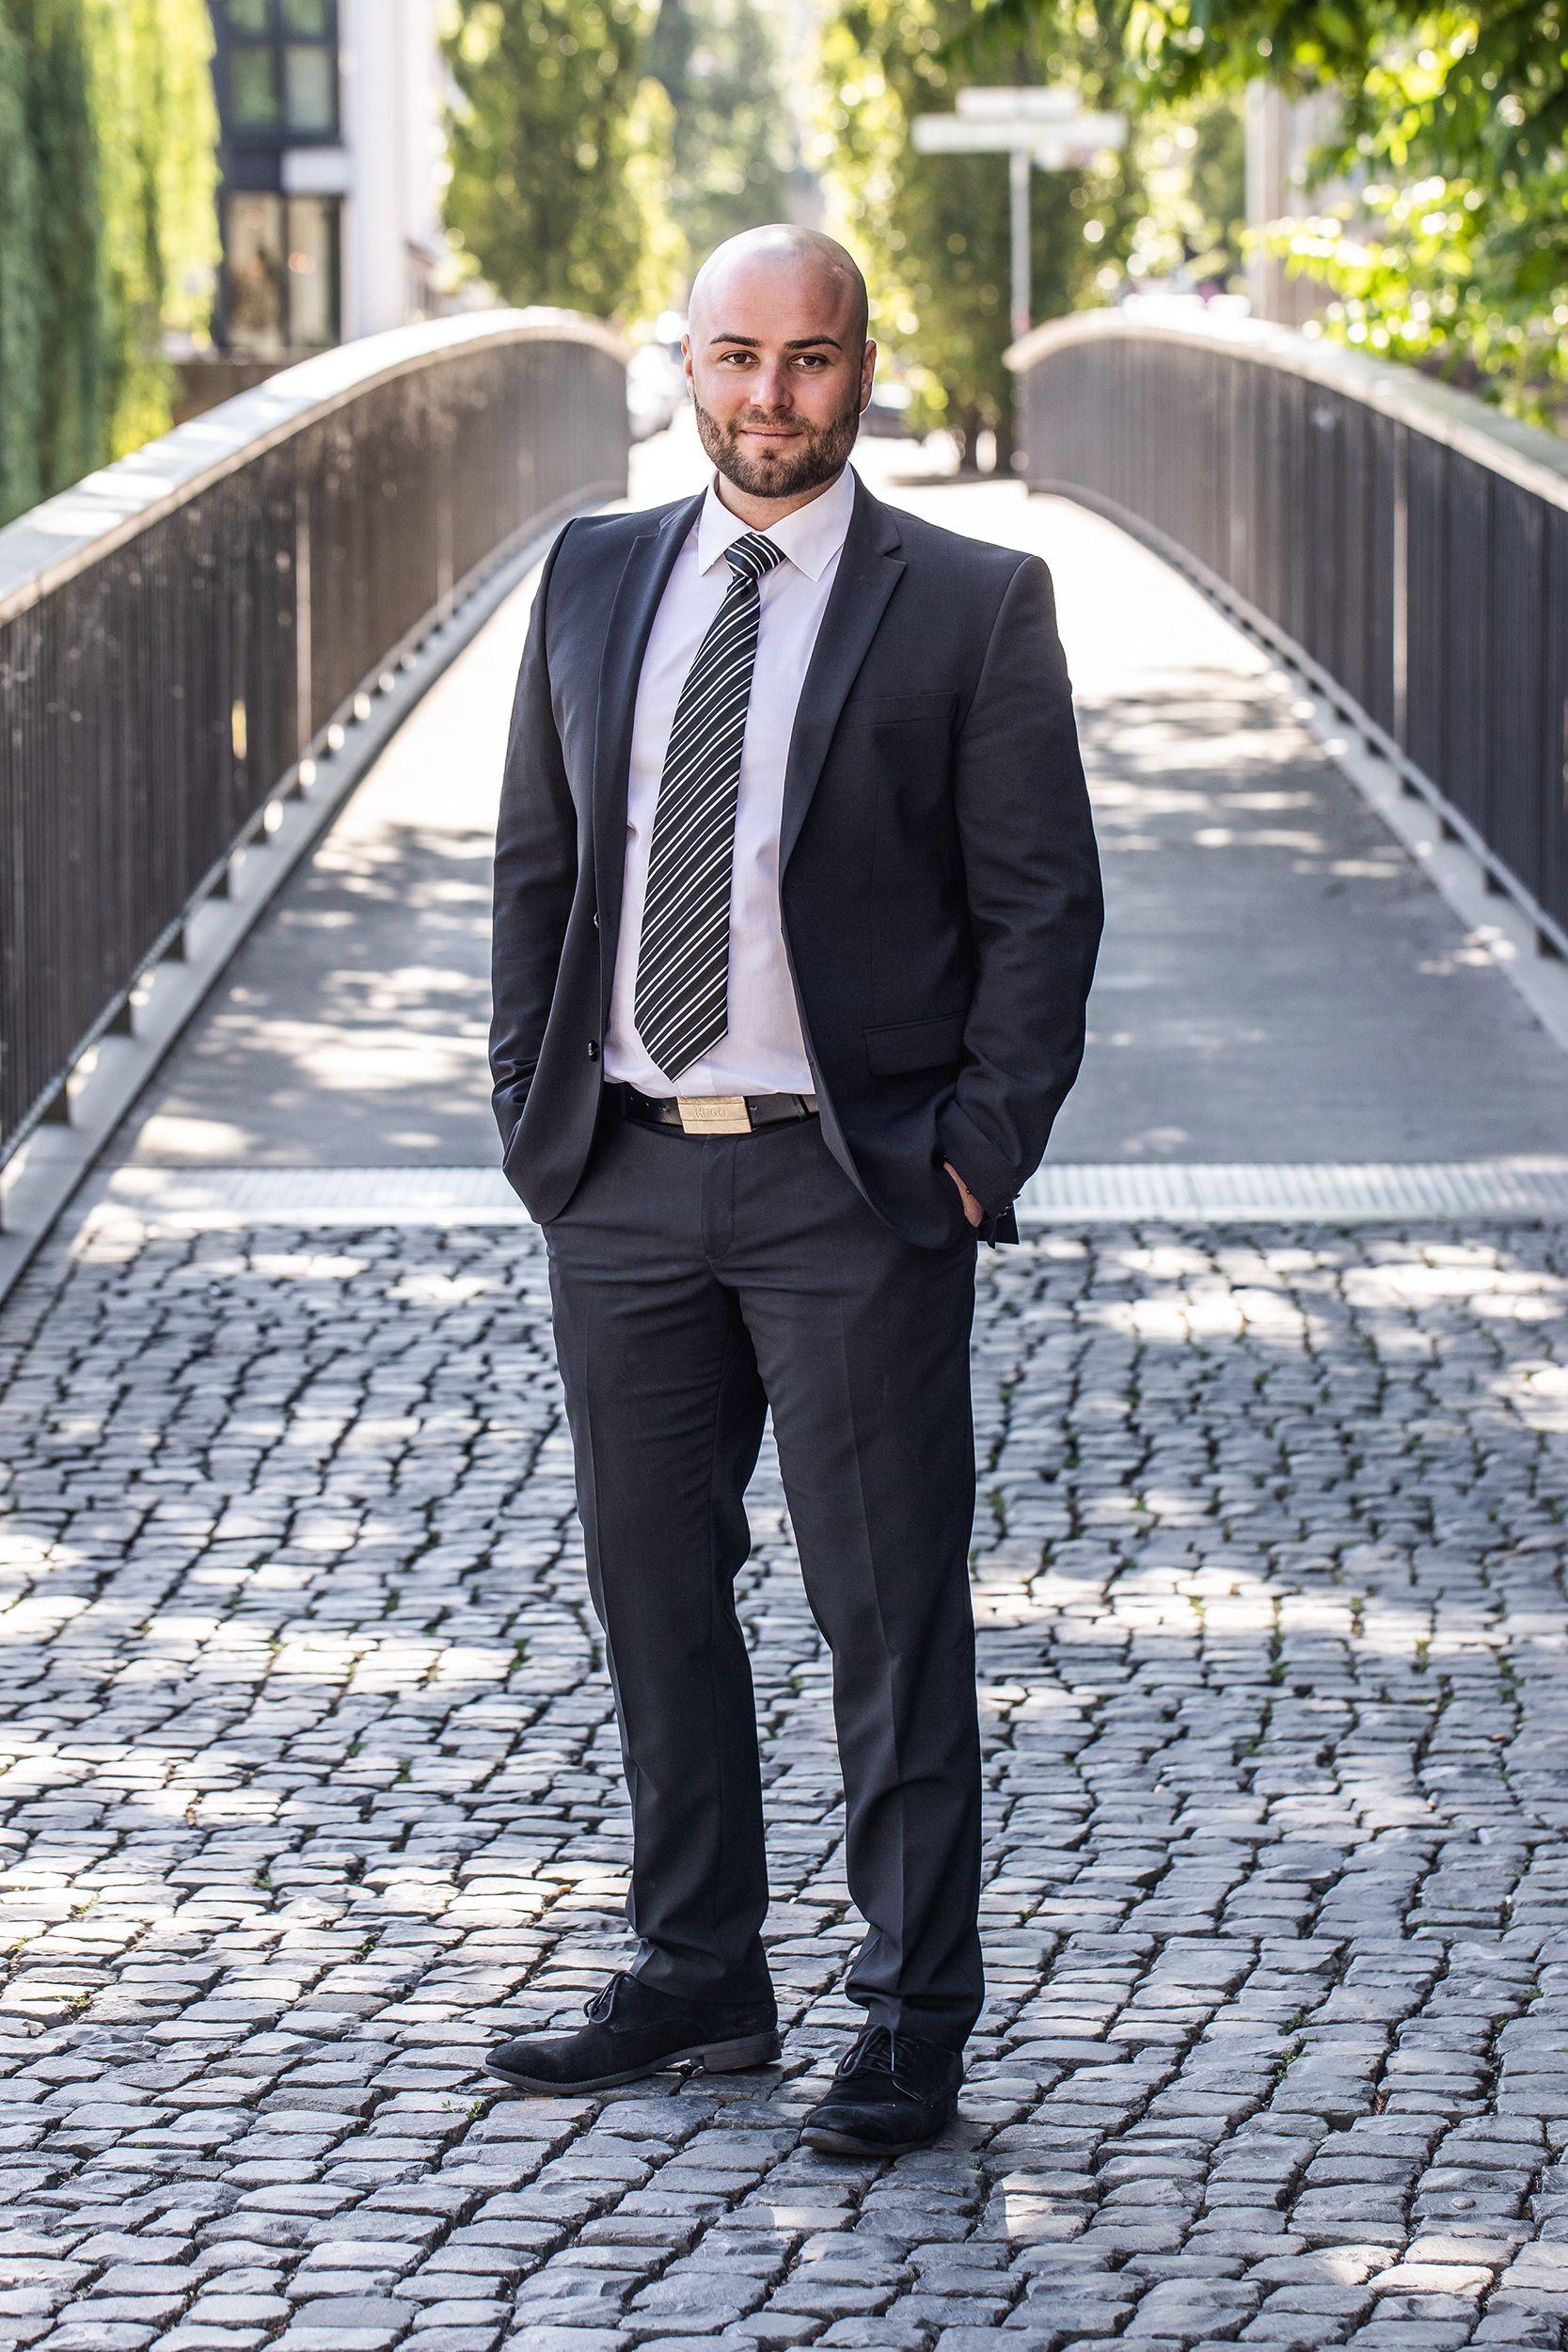 Michael Schmidt Immobilienmakler Schmidt Immobilienmakler Immobilien